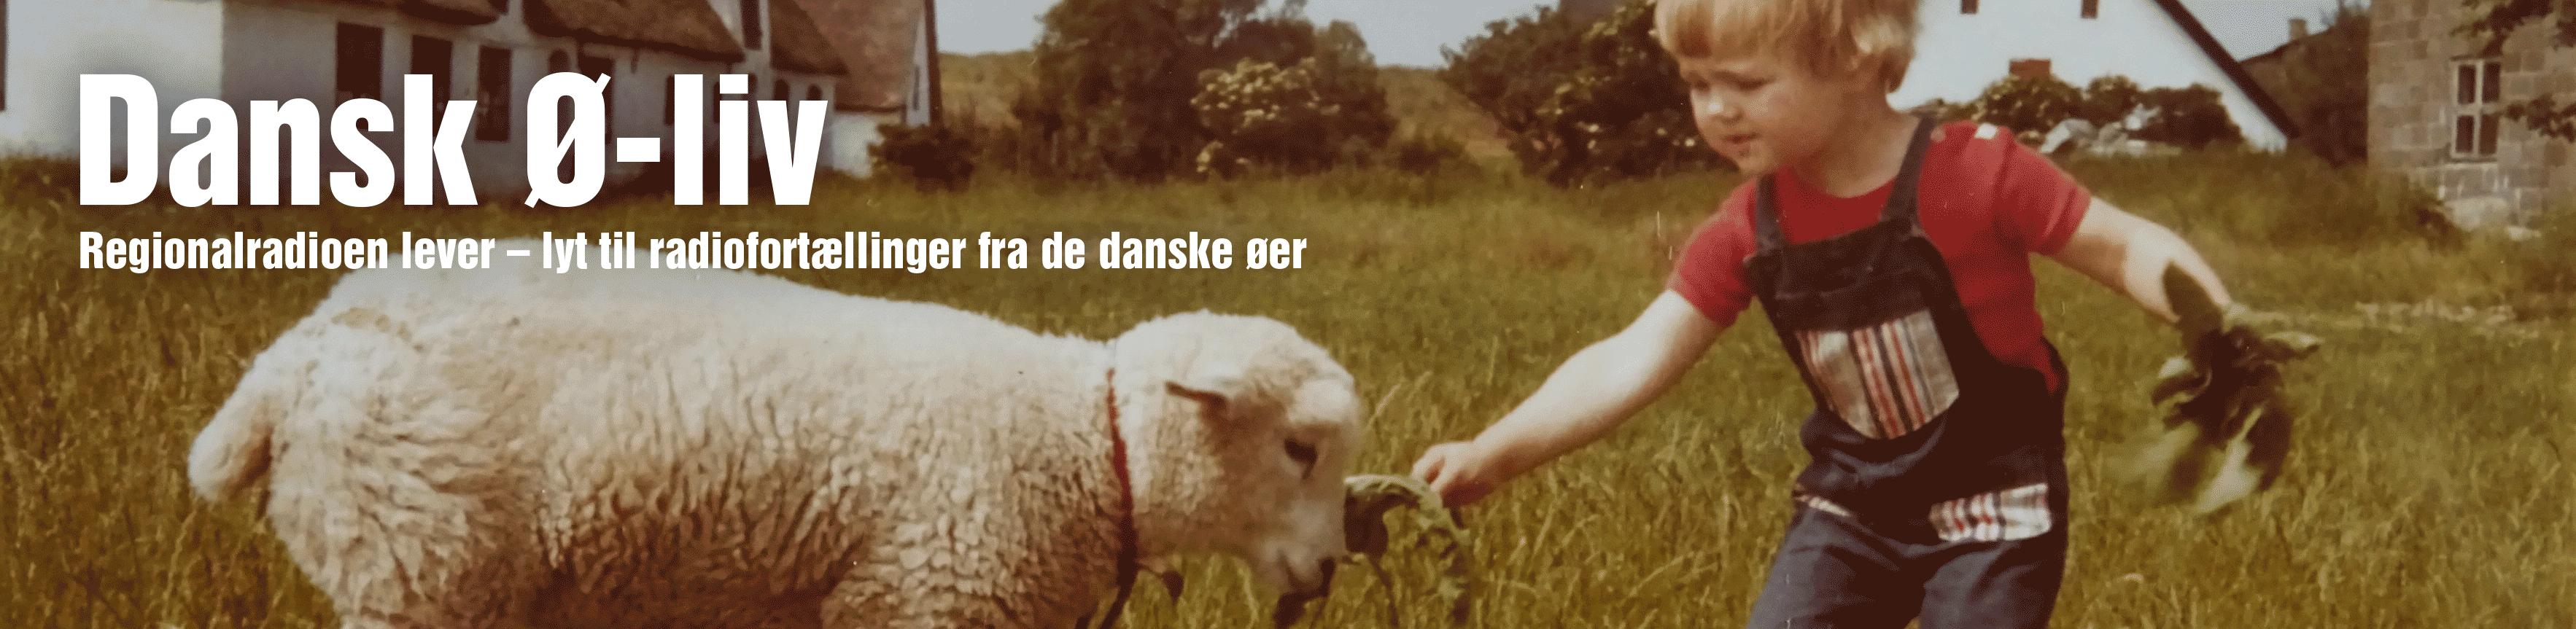 dansk-o-liv